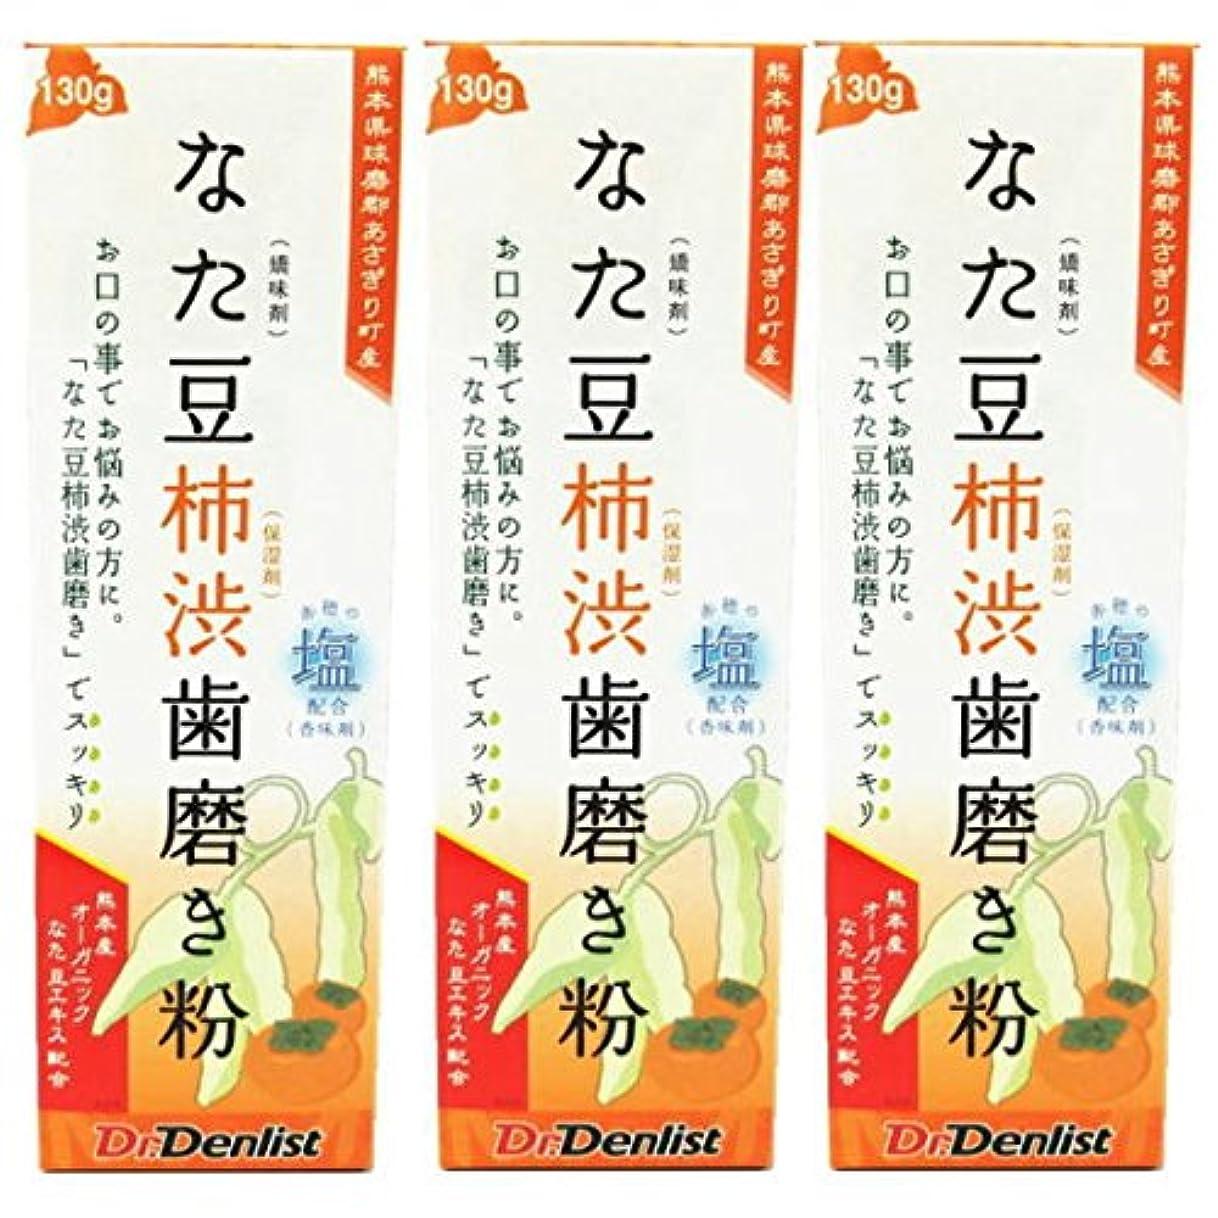 押し下げる助けて辛ななた豆柿渋歯磨き 130g 3個セット 国産 有機なた豆使用 赤穂の塩配合(香味剤)